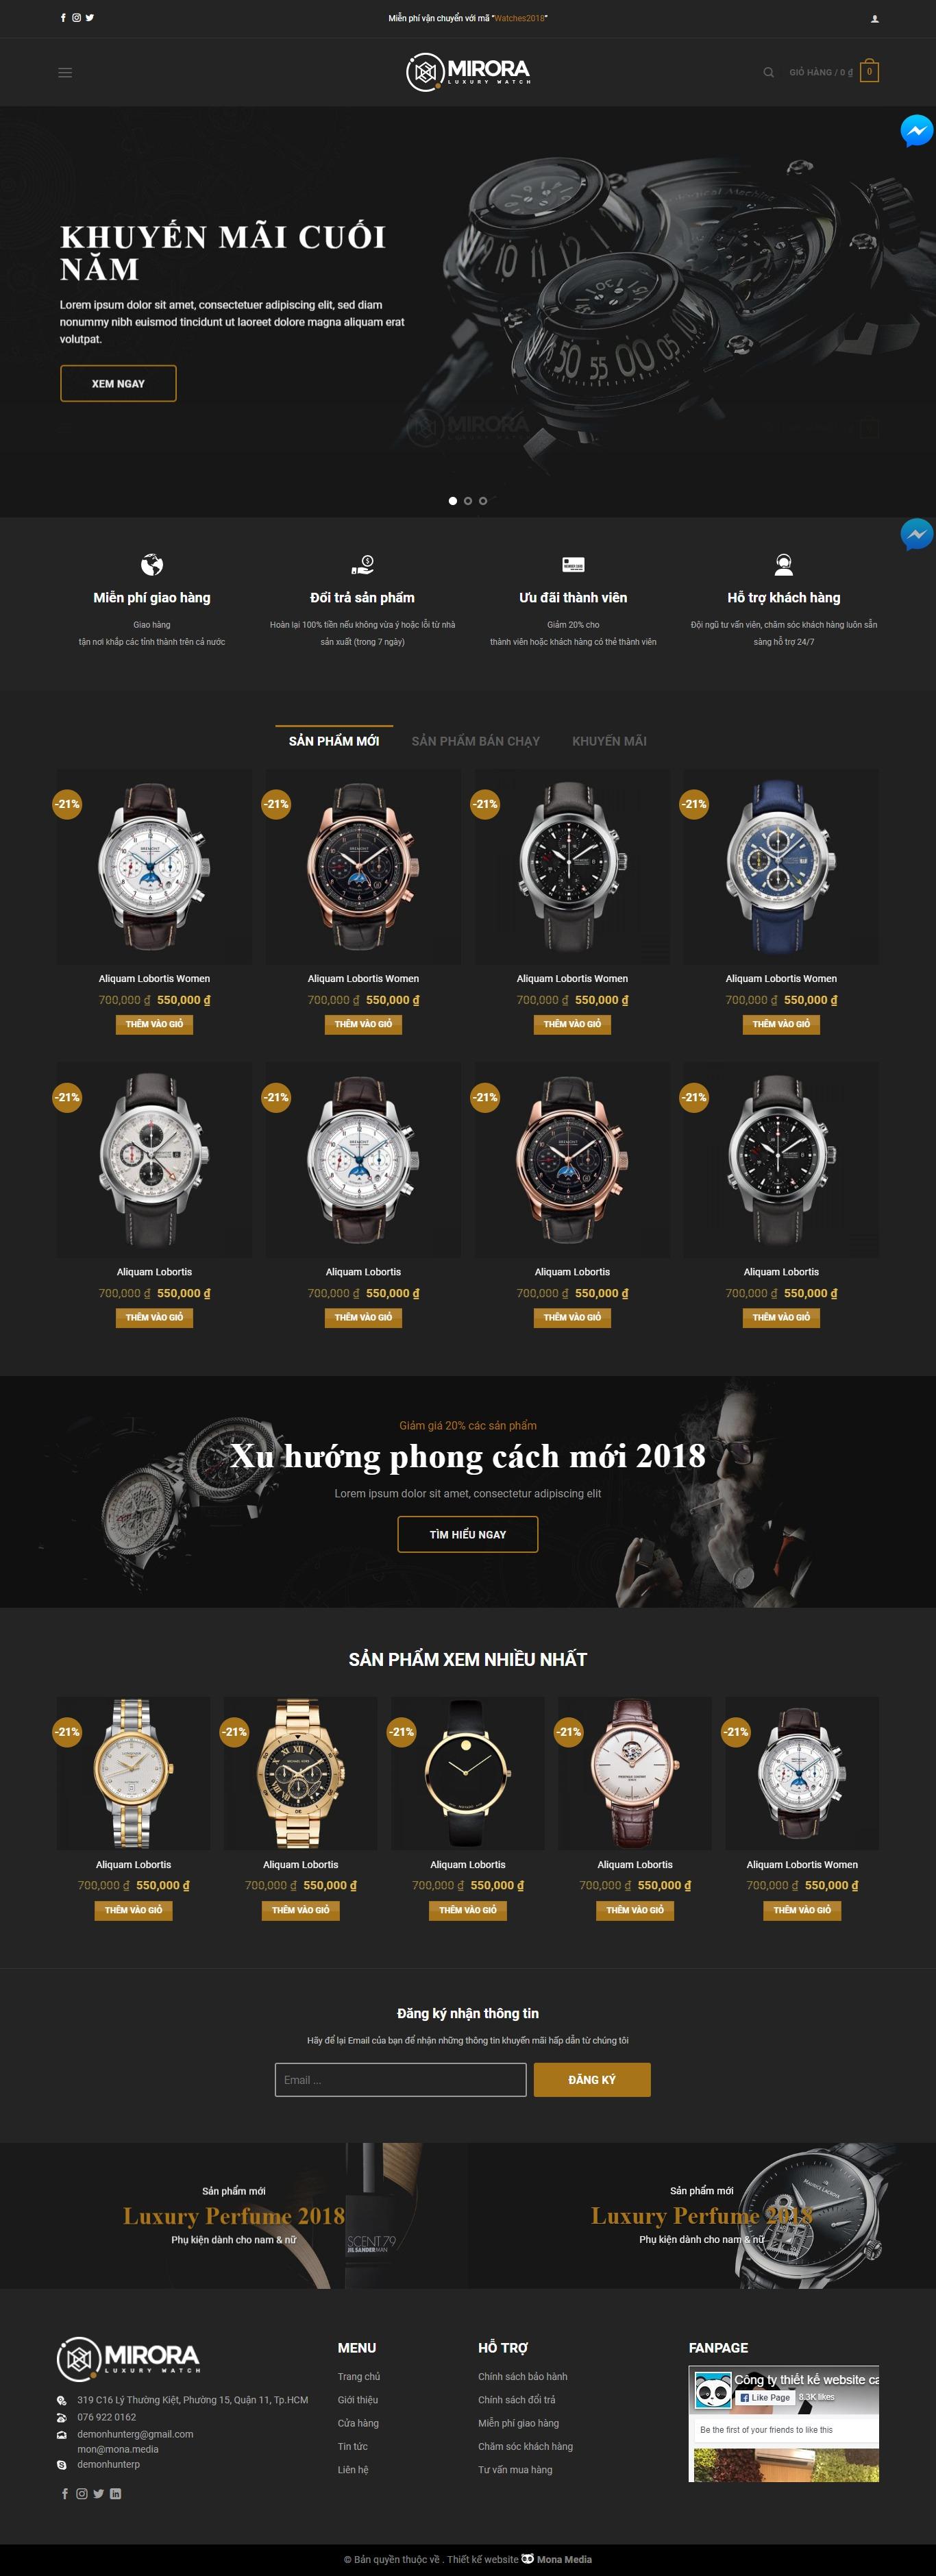 Mẫu website bán đồng hồ giống Mirora